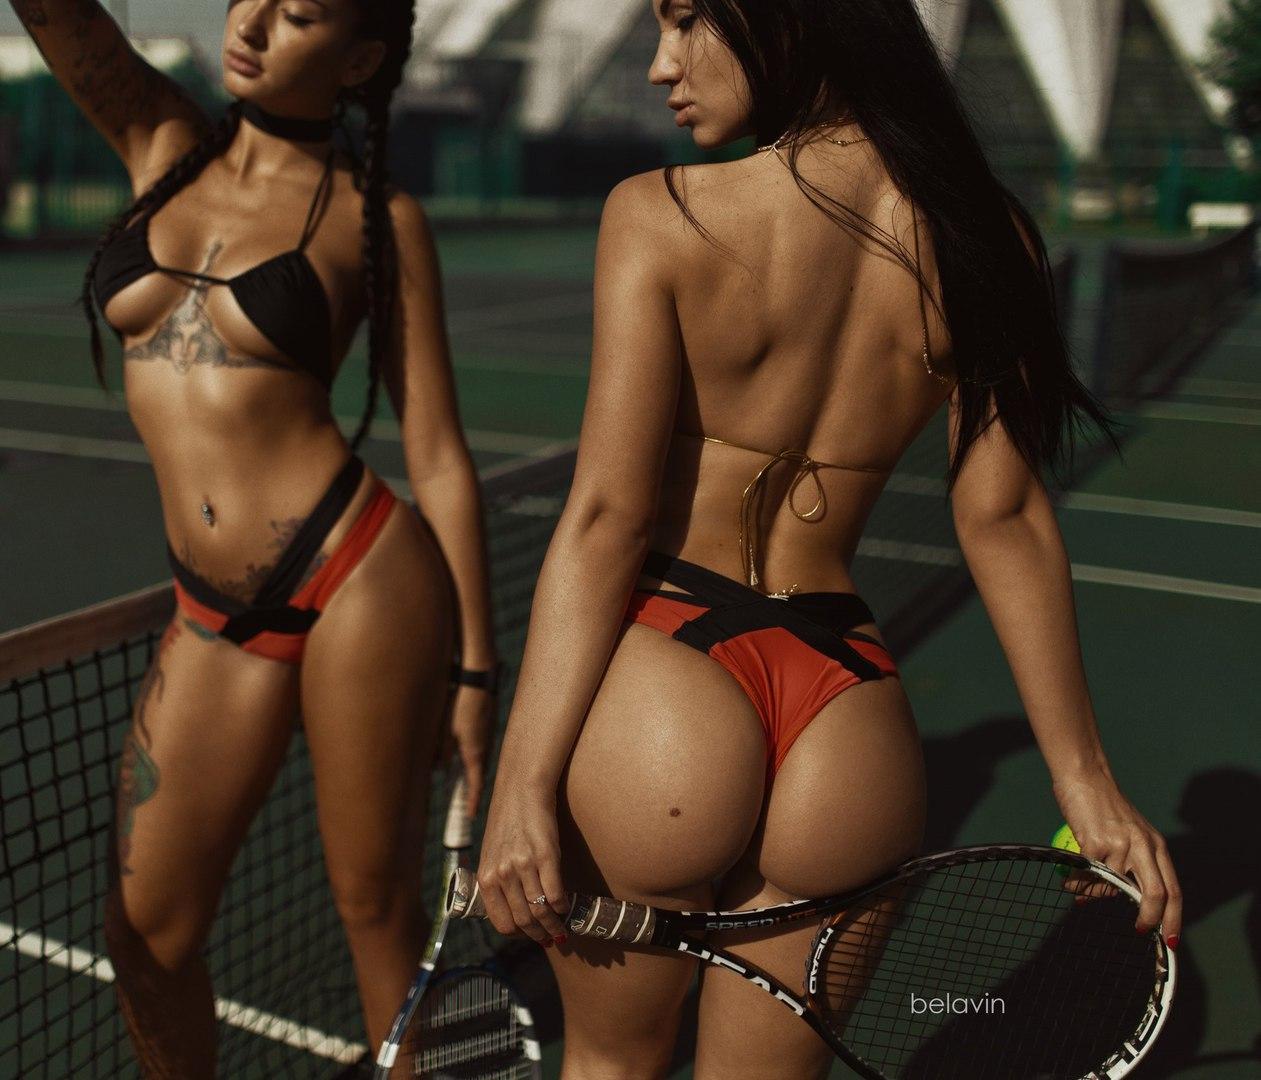 Правильные спортсменки